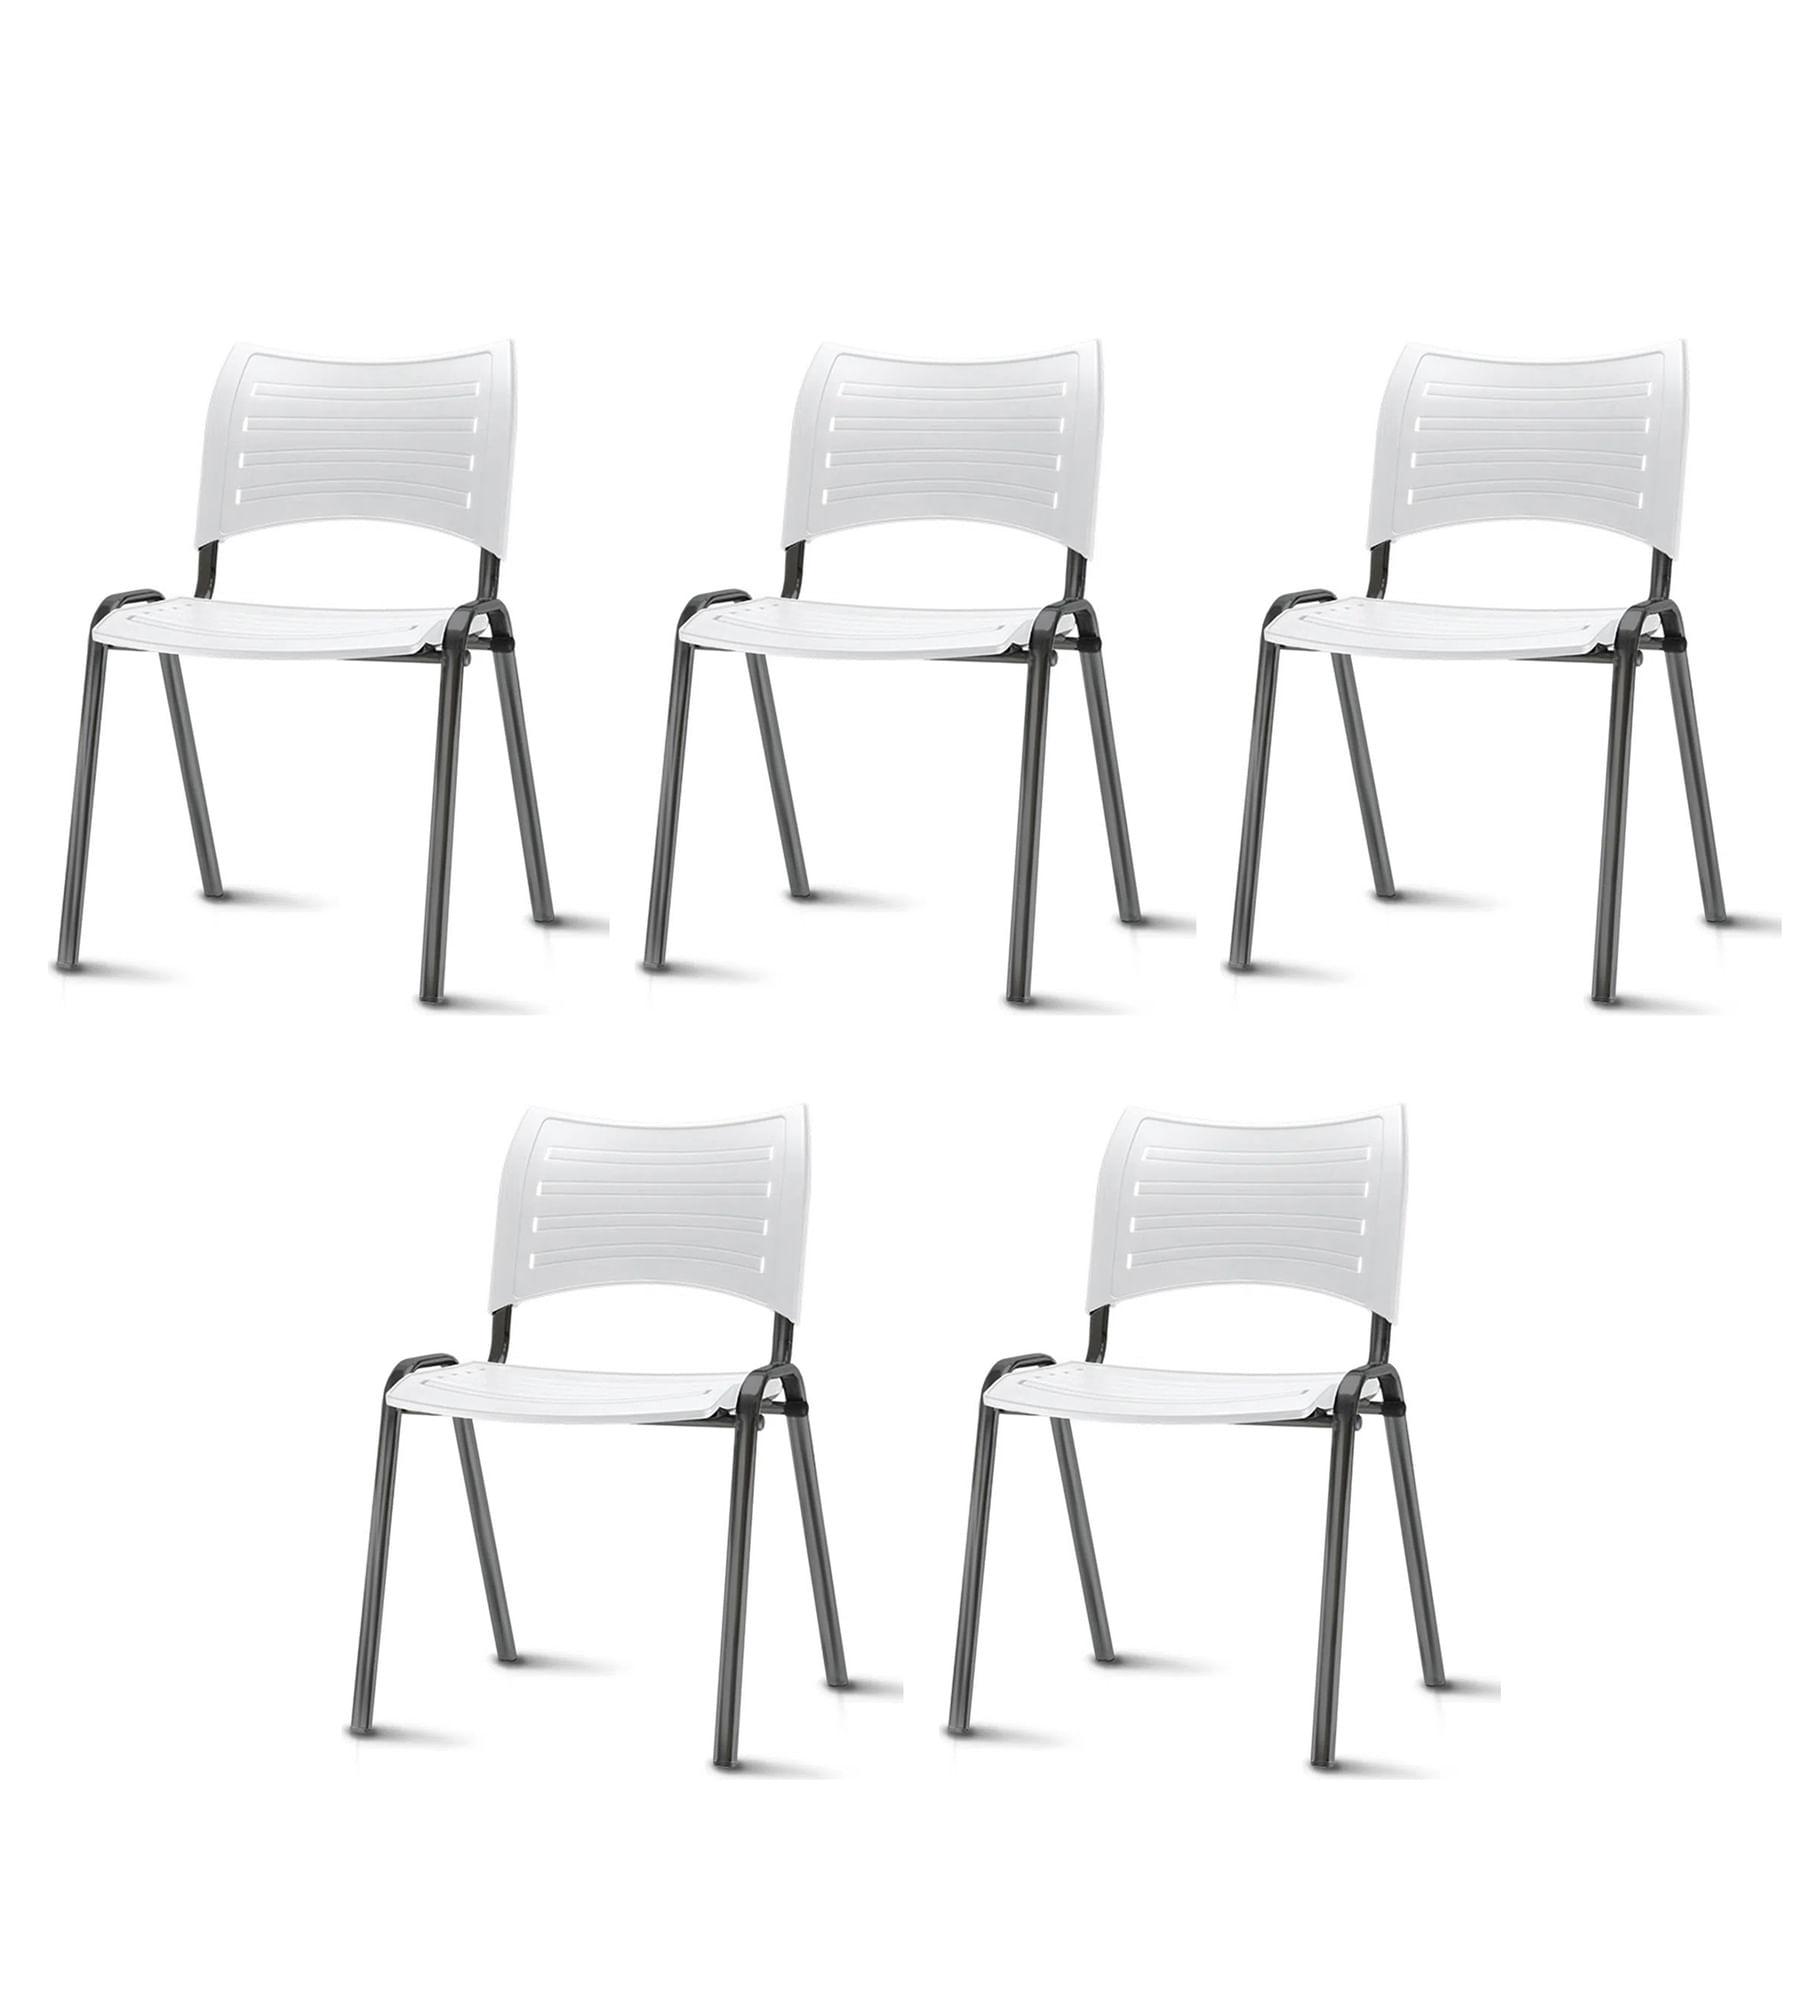 Kit 5 Cadeiras Iso Assento Branco Base Preta - 57930